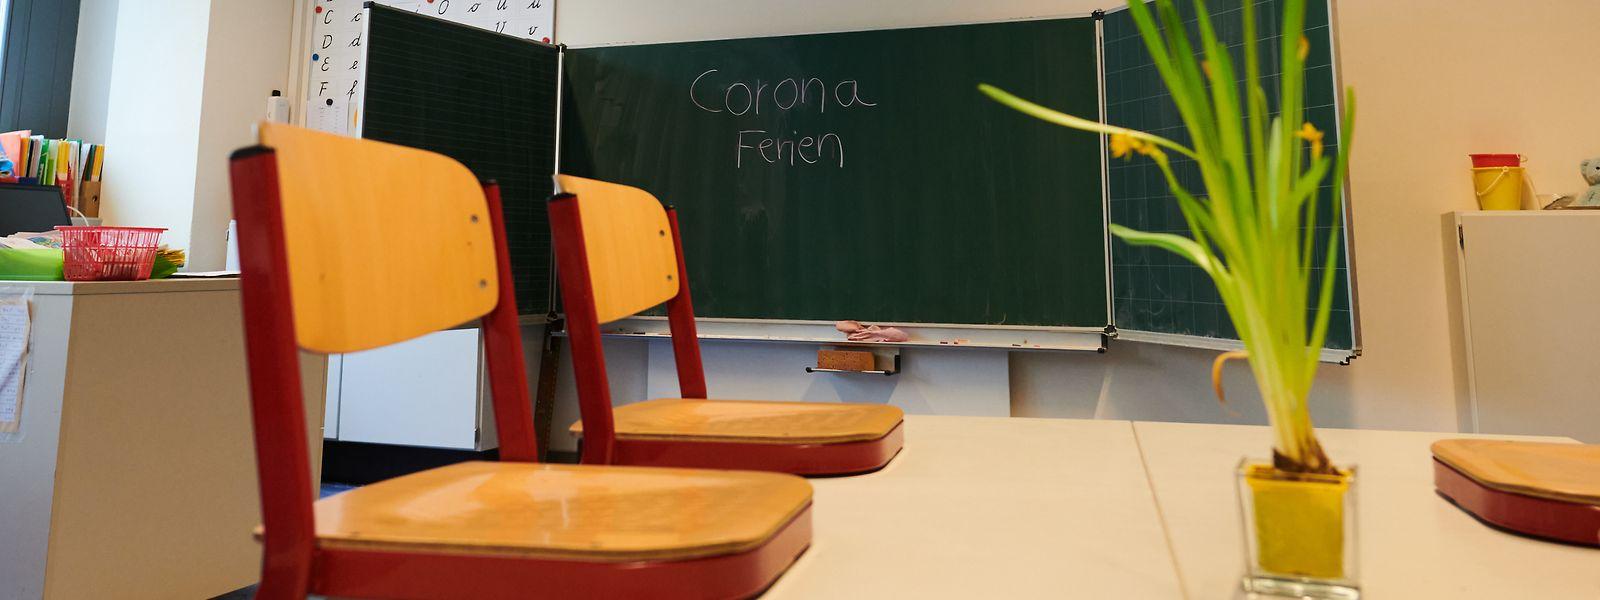 Im Klassenzimmer stehen die Stühle auf den Bänken. Gelernt wird zu Hause.